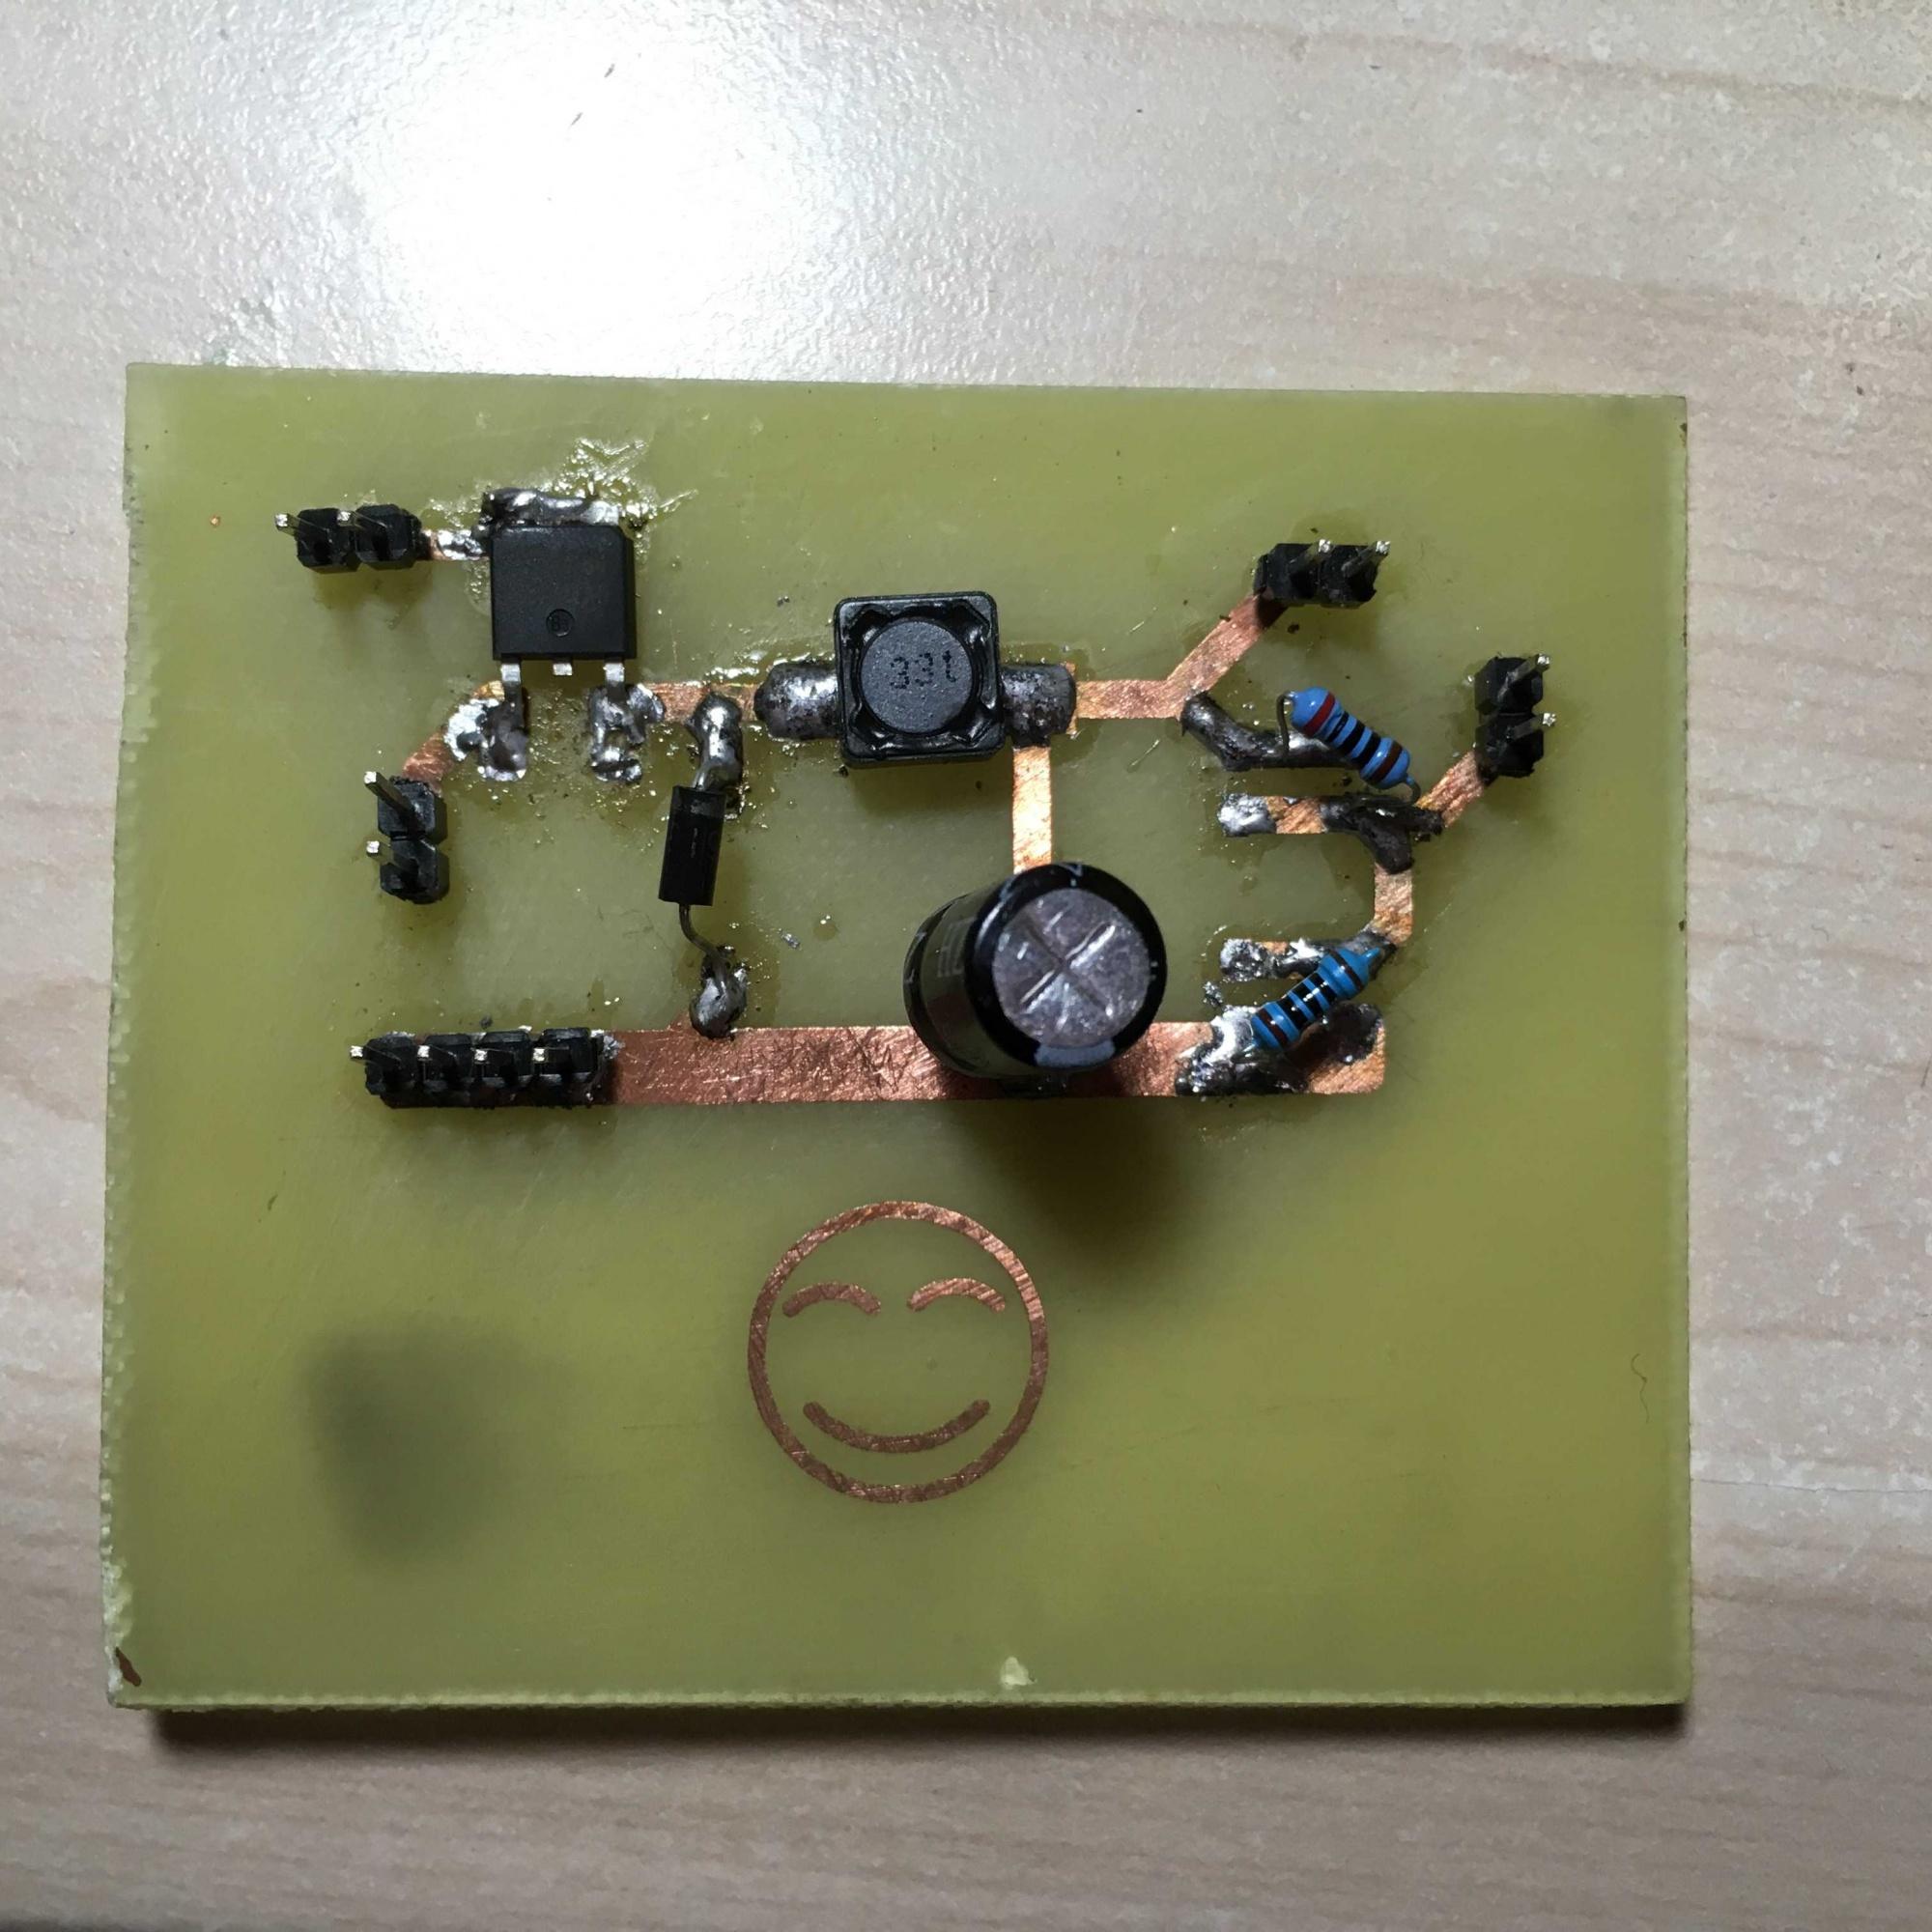 采用的元件:        主电路:nmos(aod4184),电容(100uf),电感